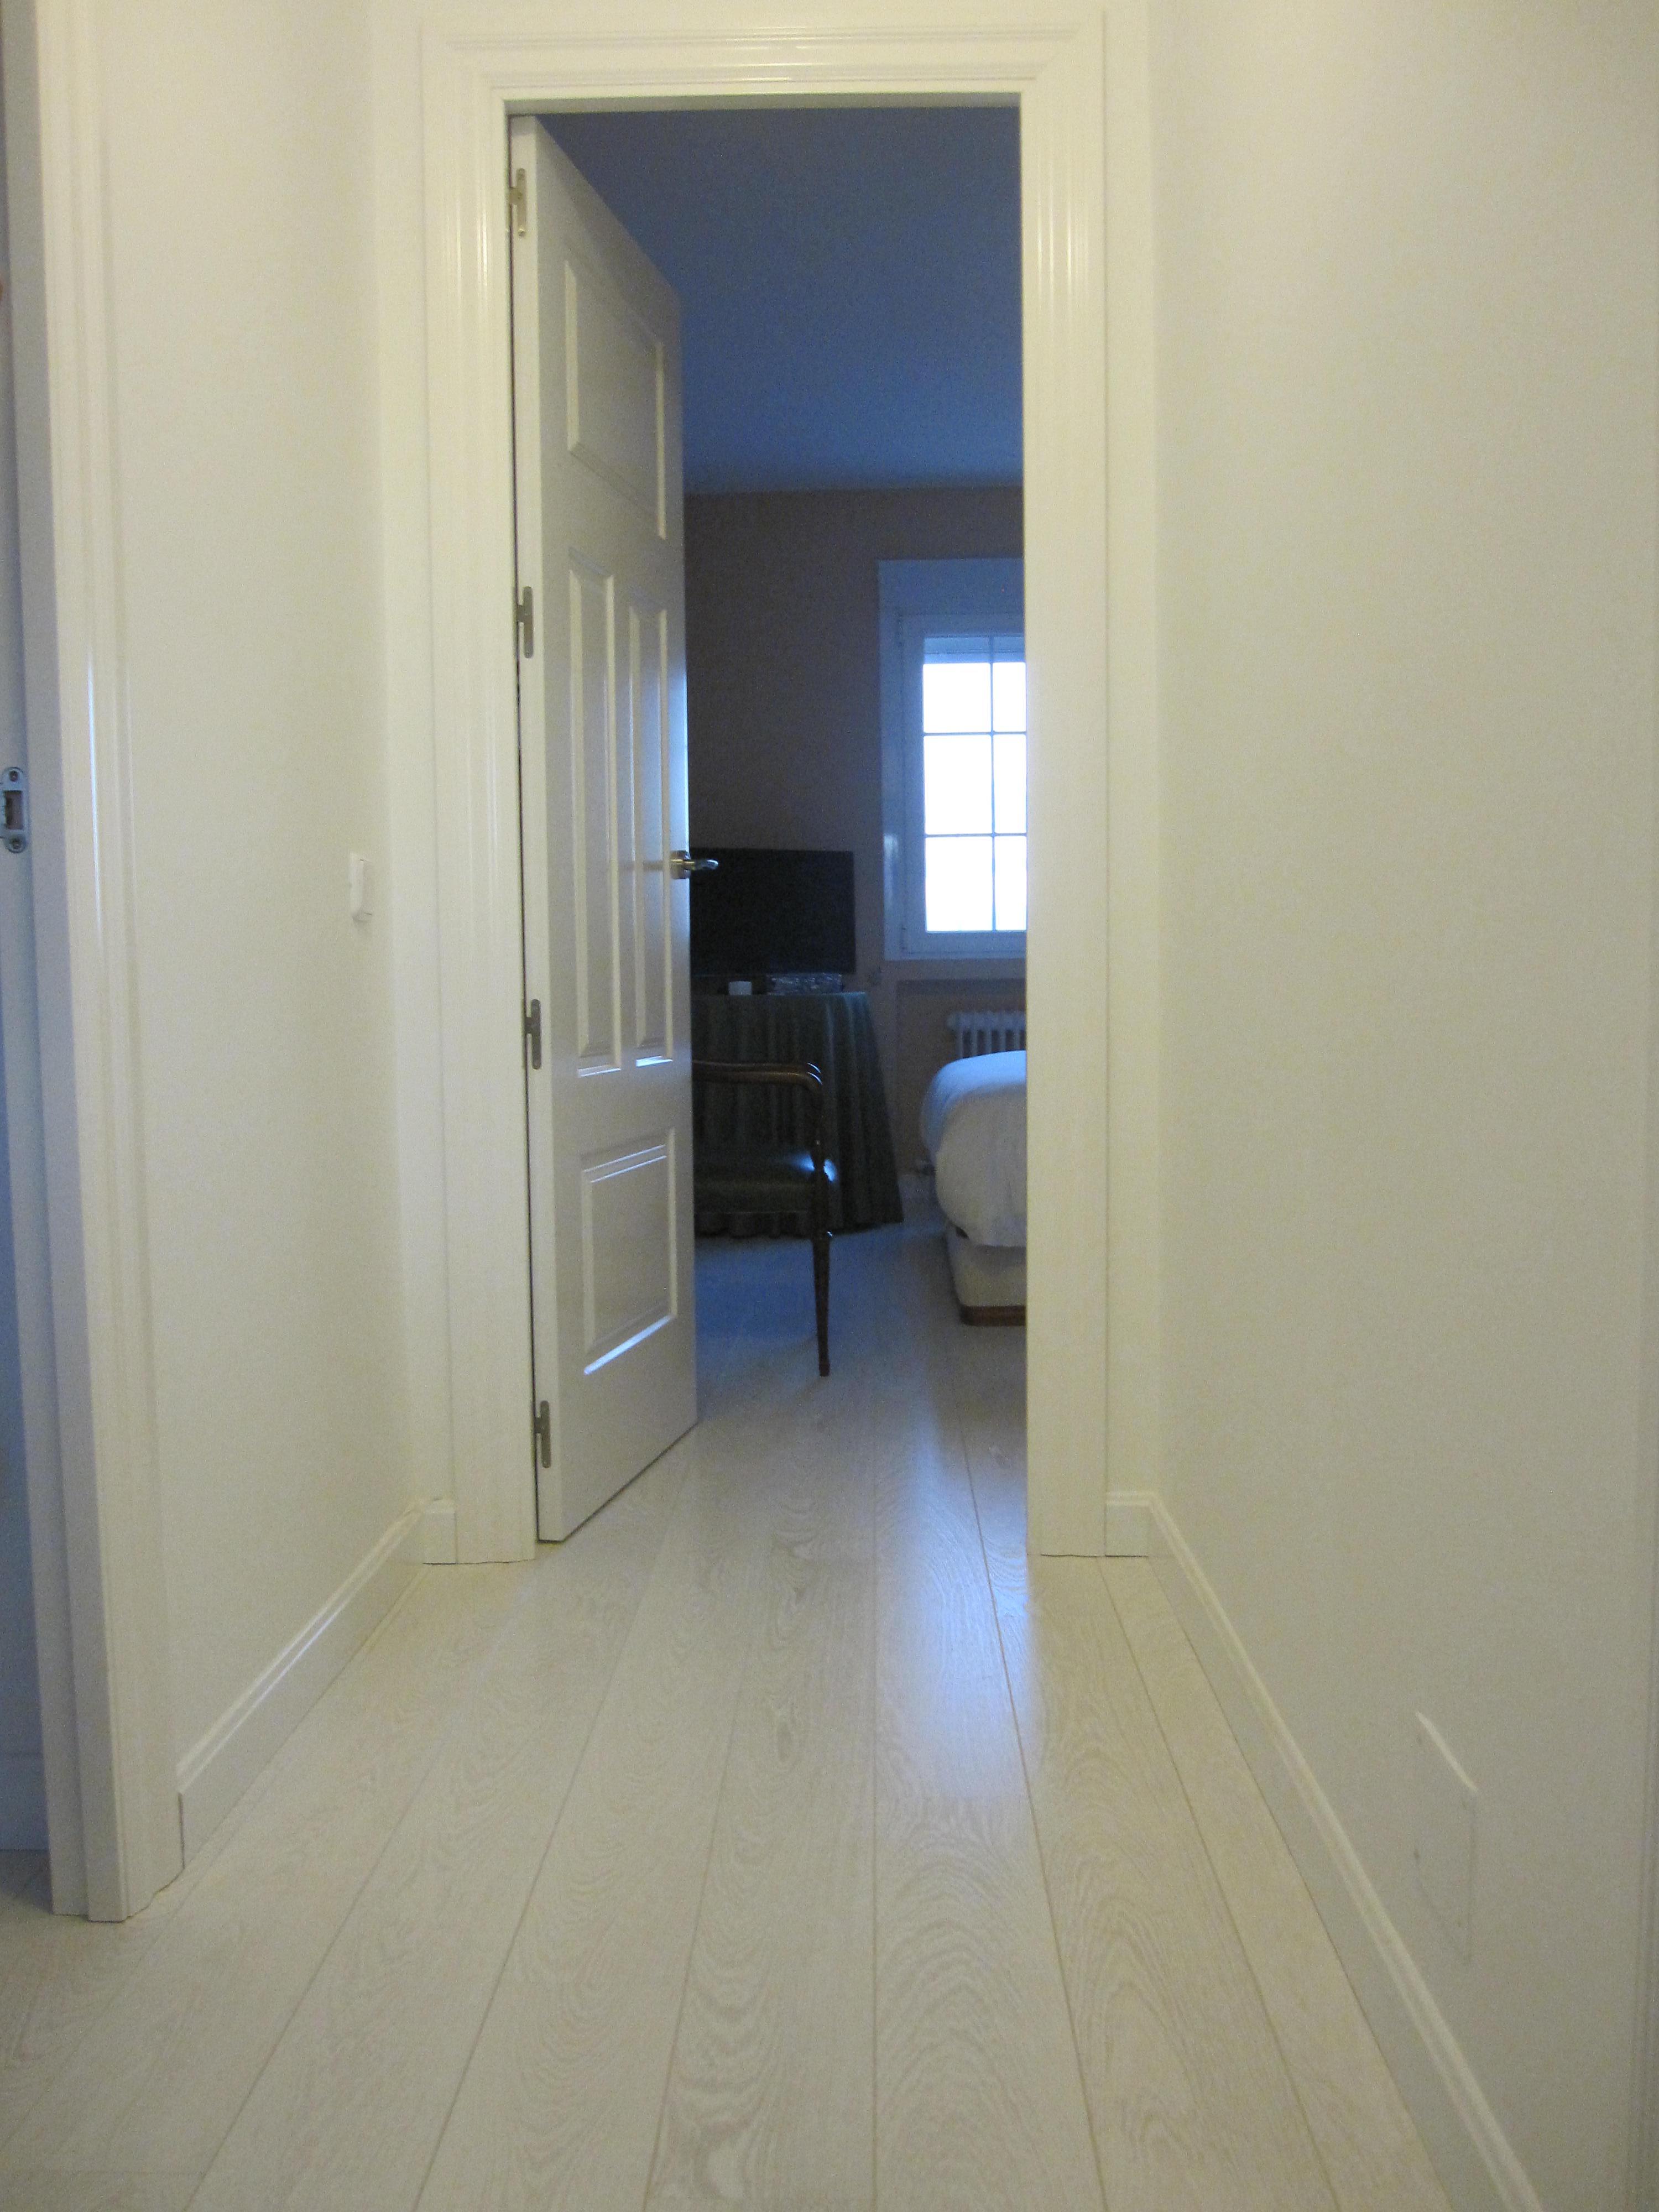 Instalación de puertas lacadas en blanco